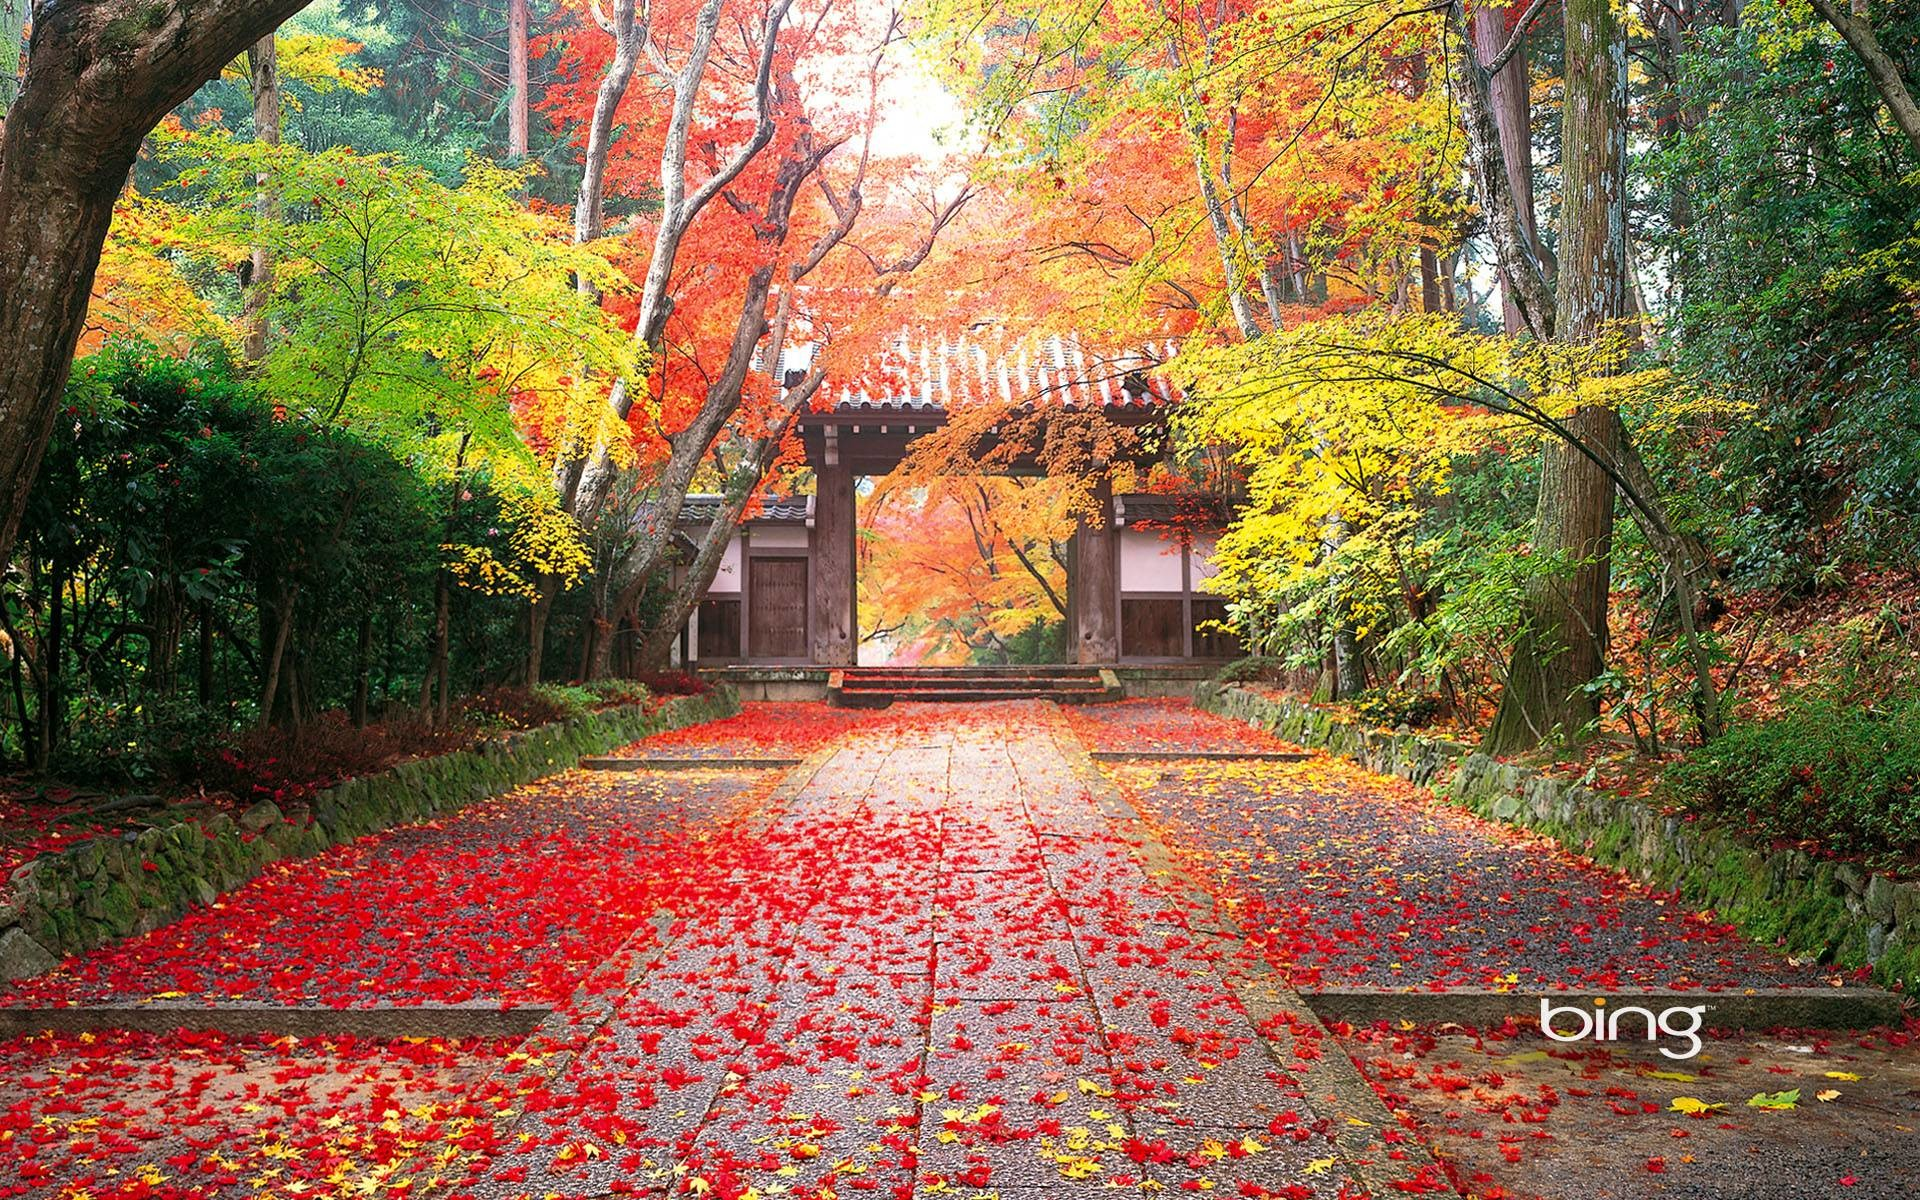 Japanese Nature Desktop Wallpaper For Desktop Background 13 HD .